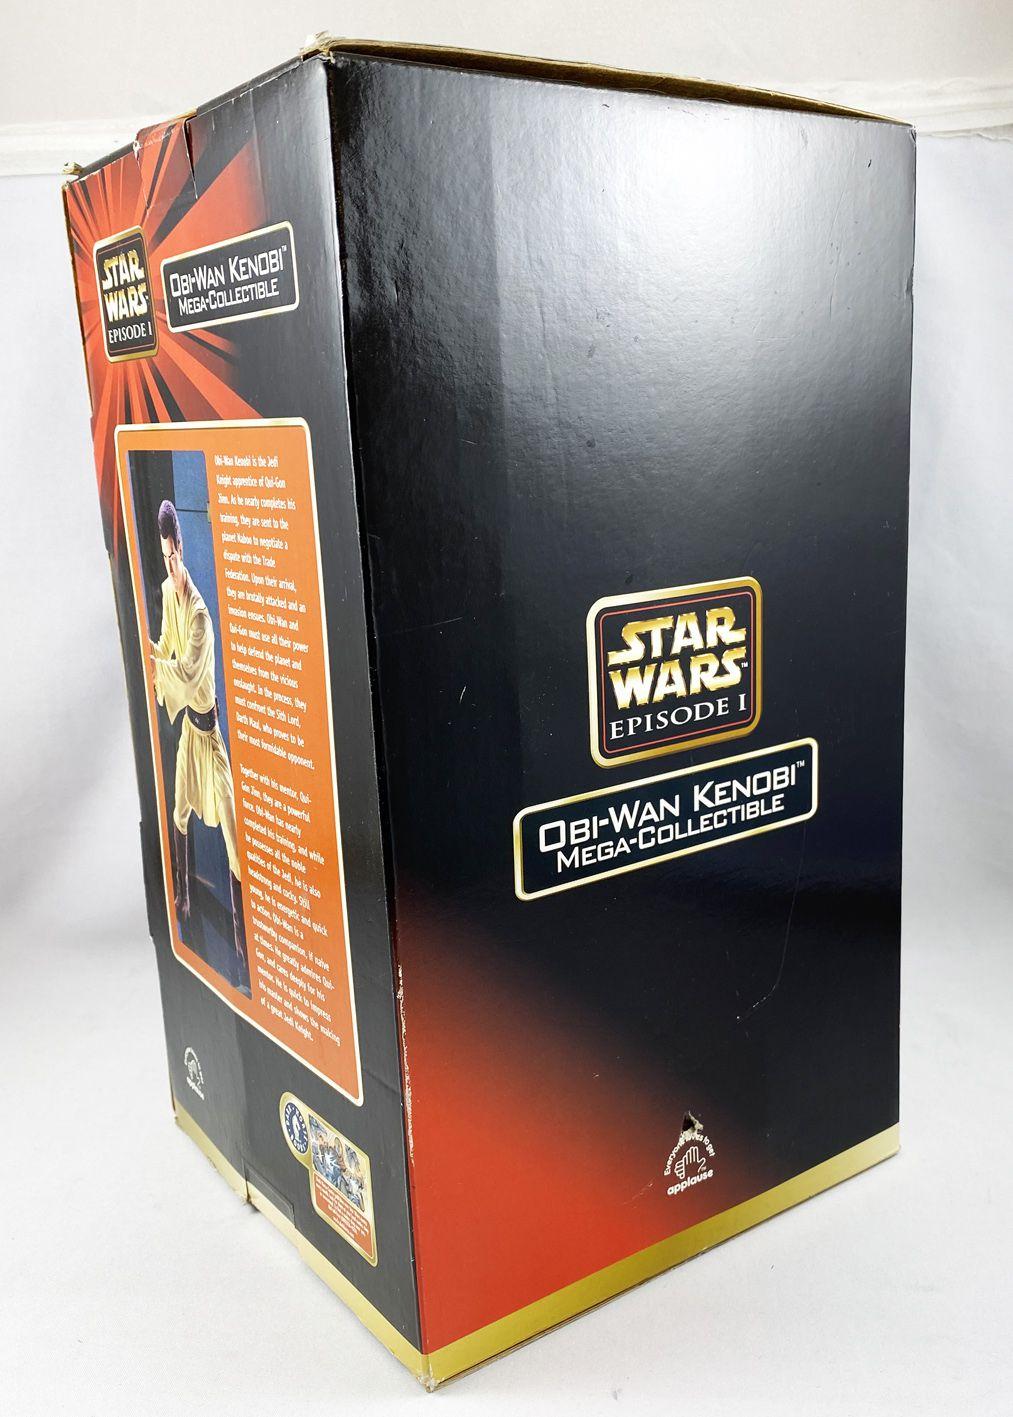 Star Wars Episode 1 - Applause - Obi-Wan Kenobi Mega-Collectible